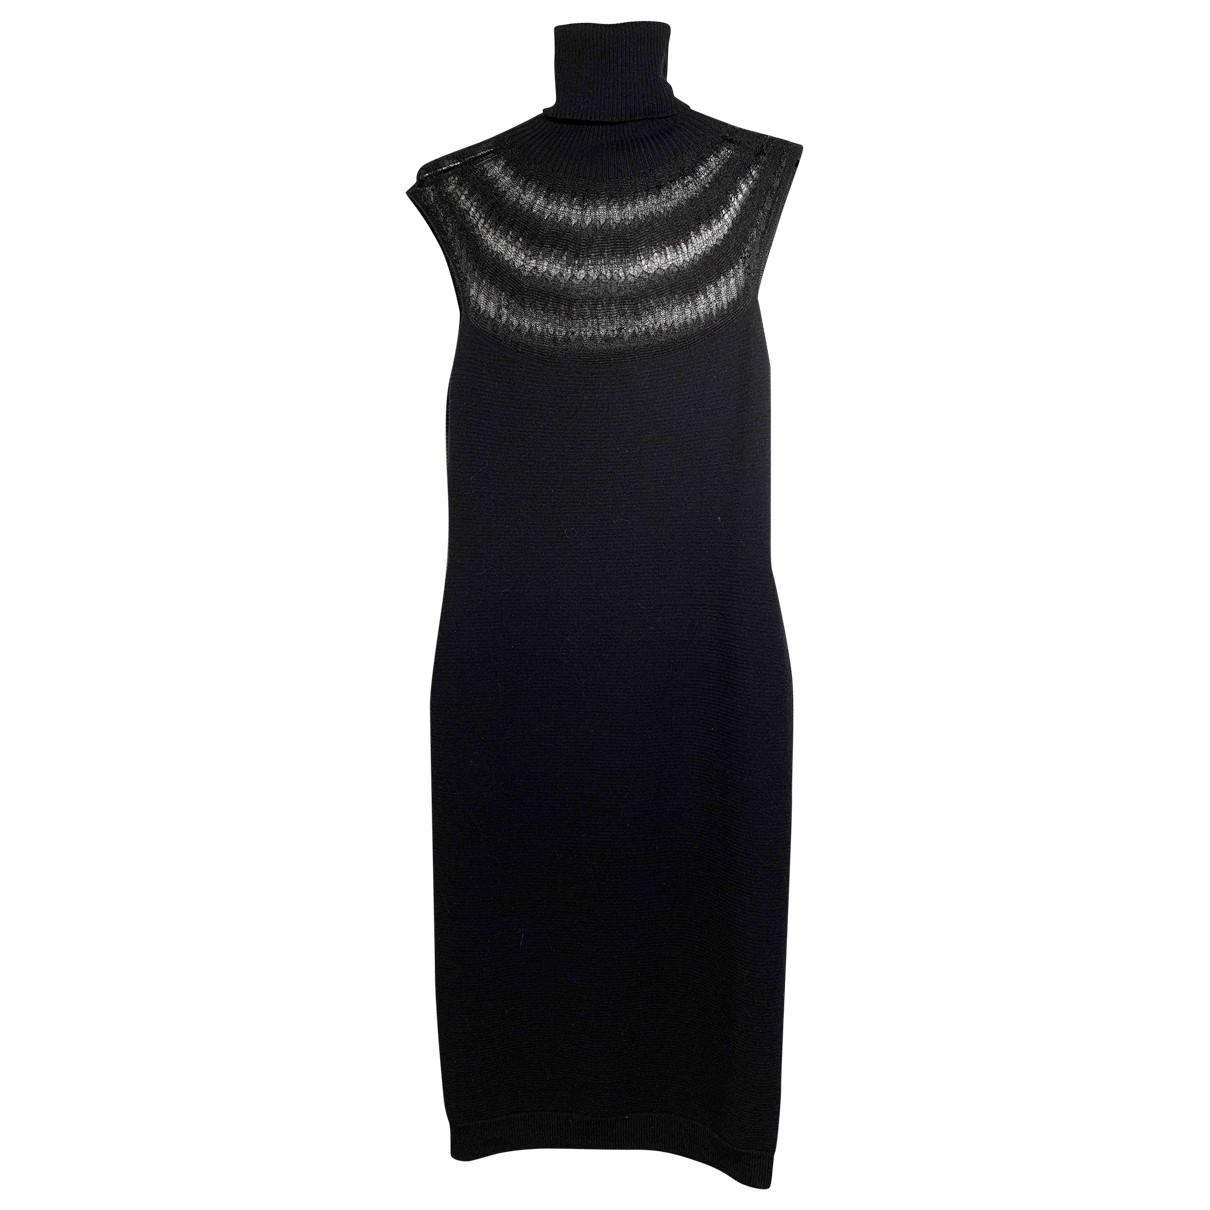 Emporio Armani \N Kleid in  Schwarz Wolle